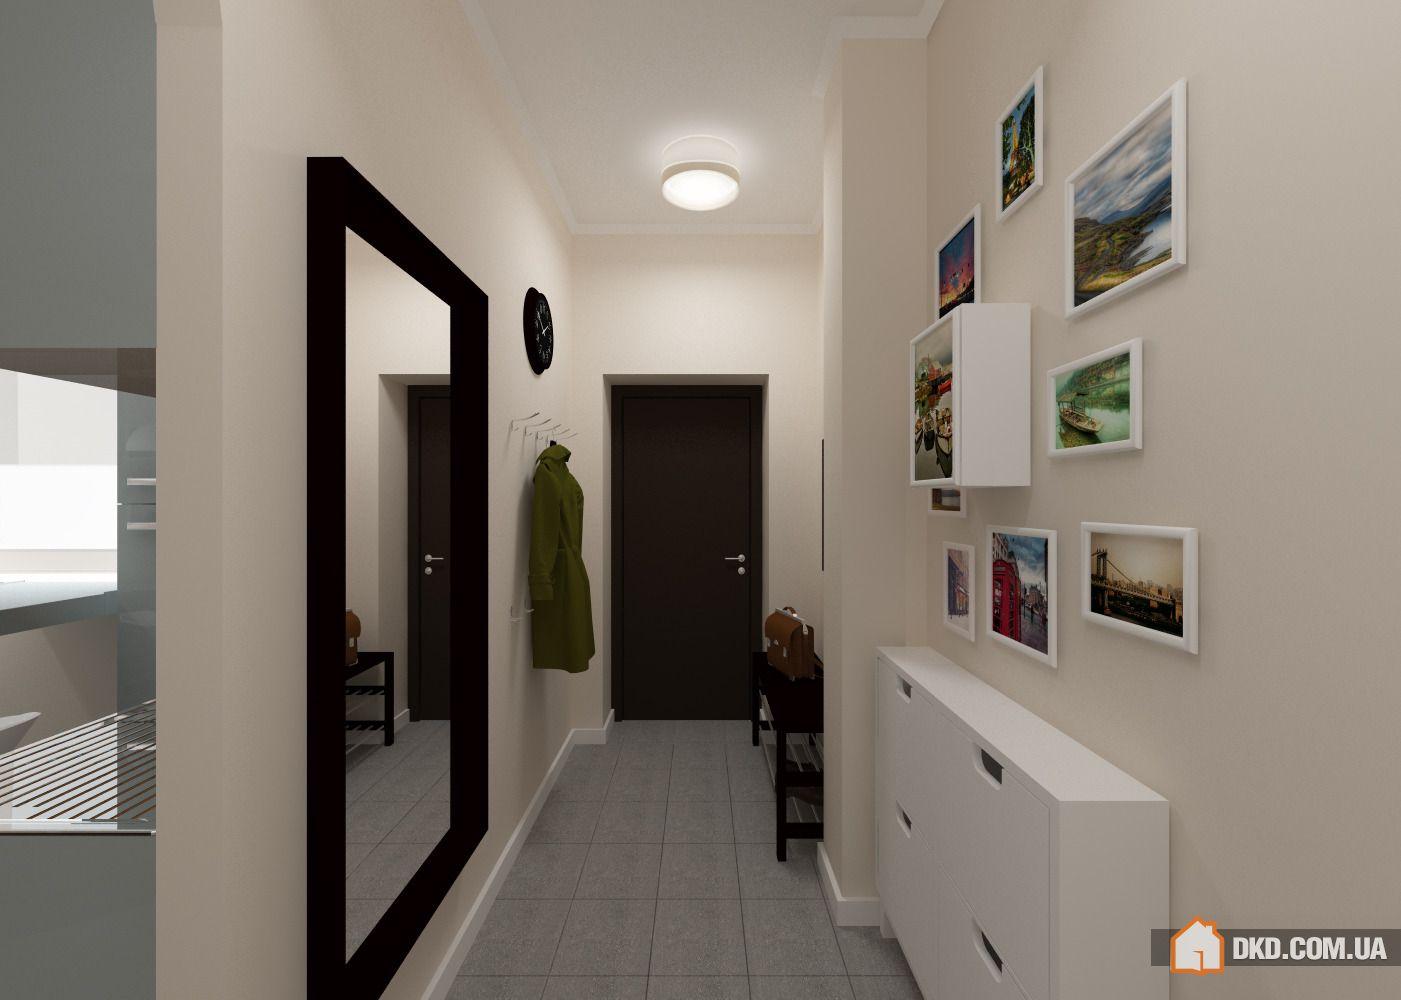 Коридор в трехкомнатной квартире дизайн в